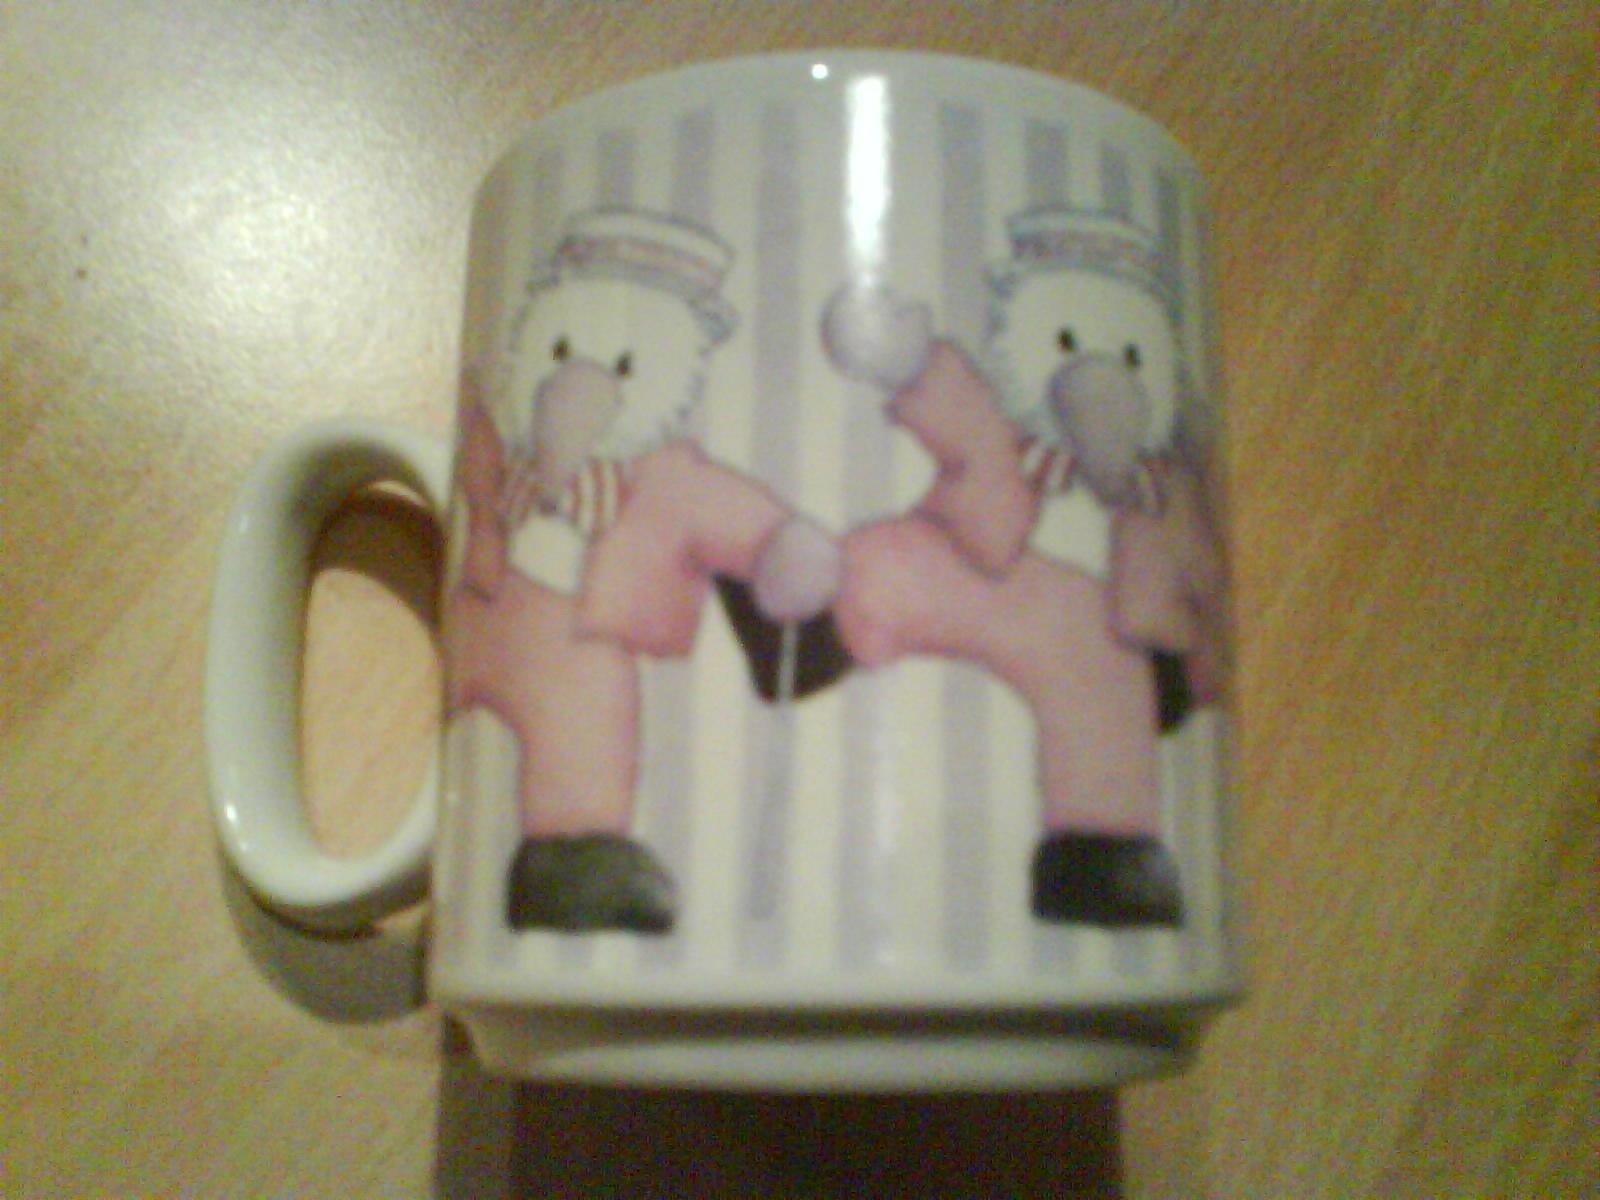 Tassenparade 2011 Tasse #1 von Wortschubse